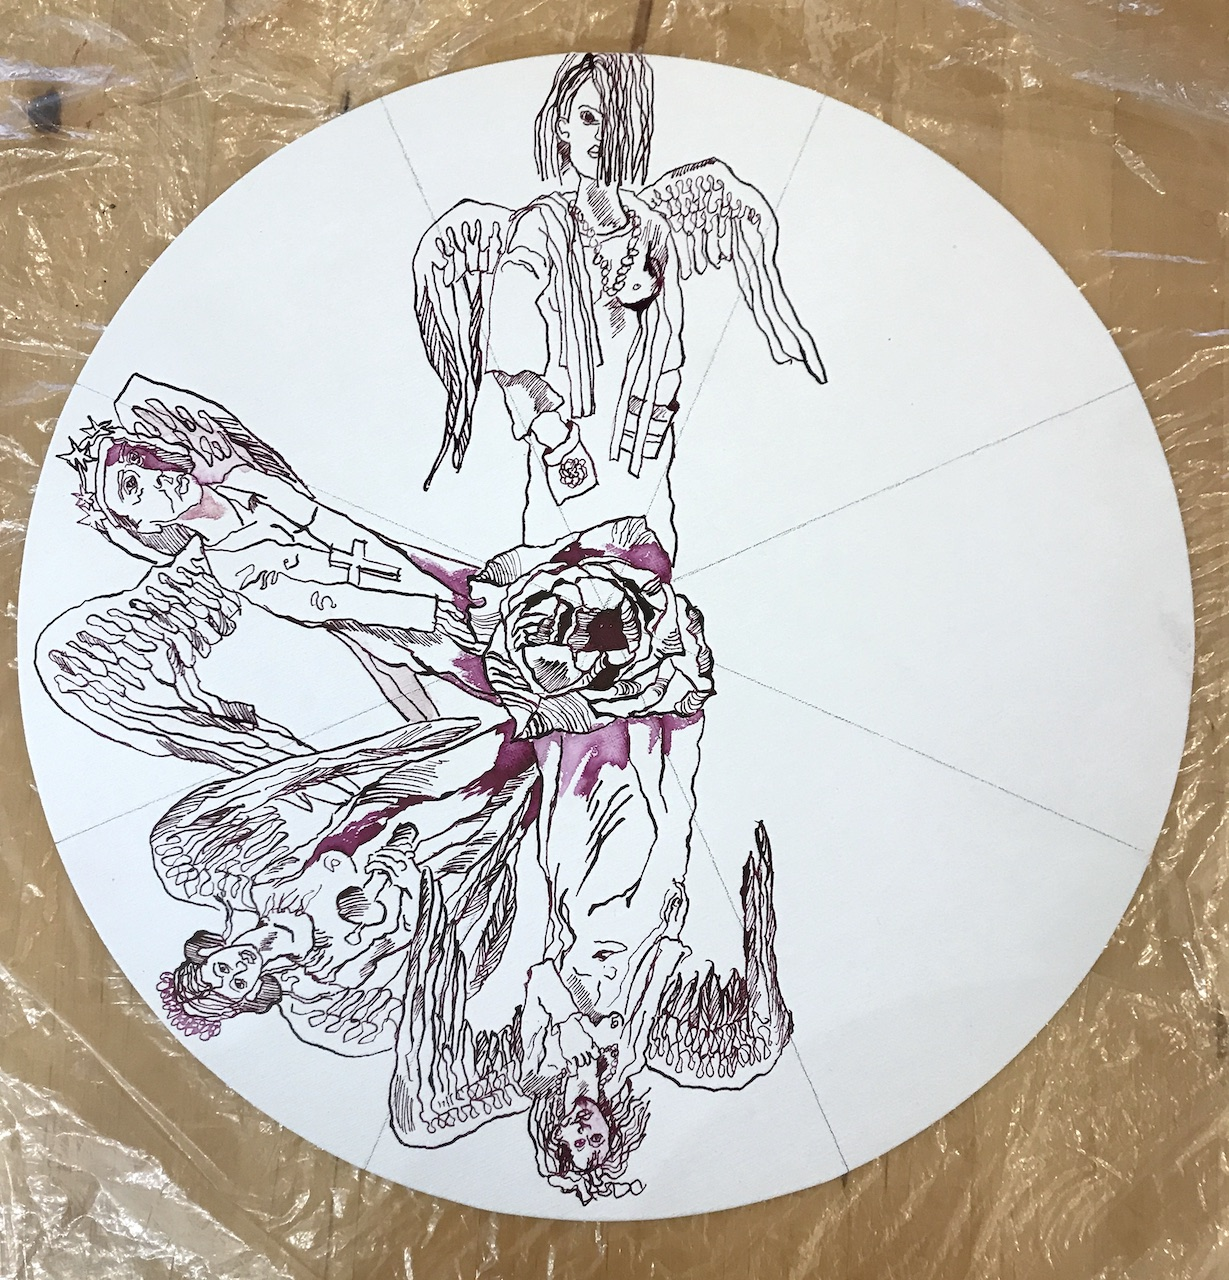 Entstehung - Wieviele Engel passen auf die Nadelspitze, Durchmesser 40 cm, Tusche auf Leinwandkarton, Zeichnung von Susanne Haun (c) VG Bild-Kunst, Bonn 2020